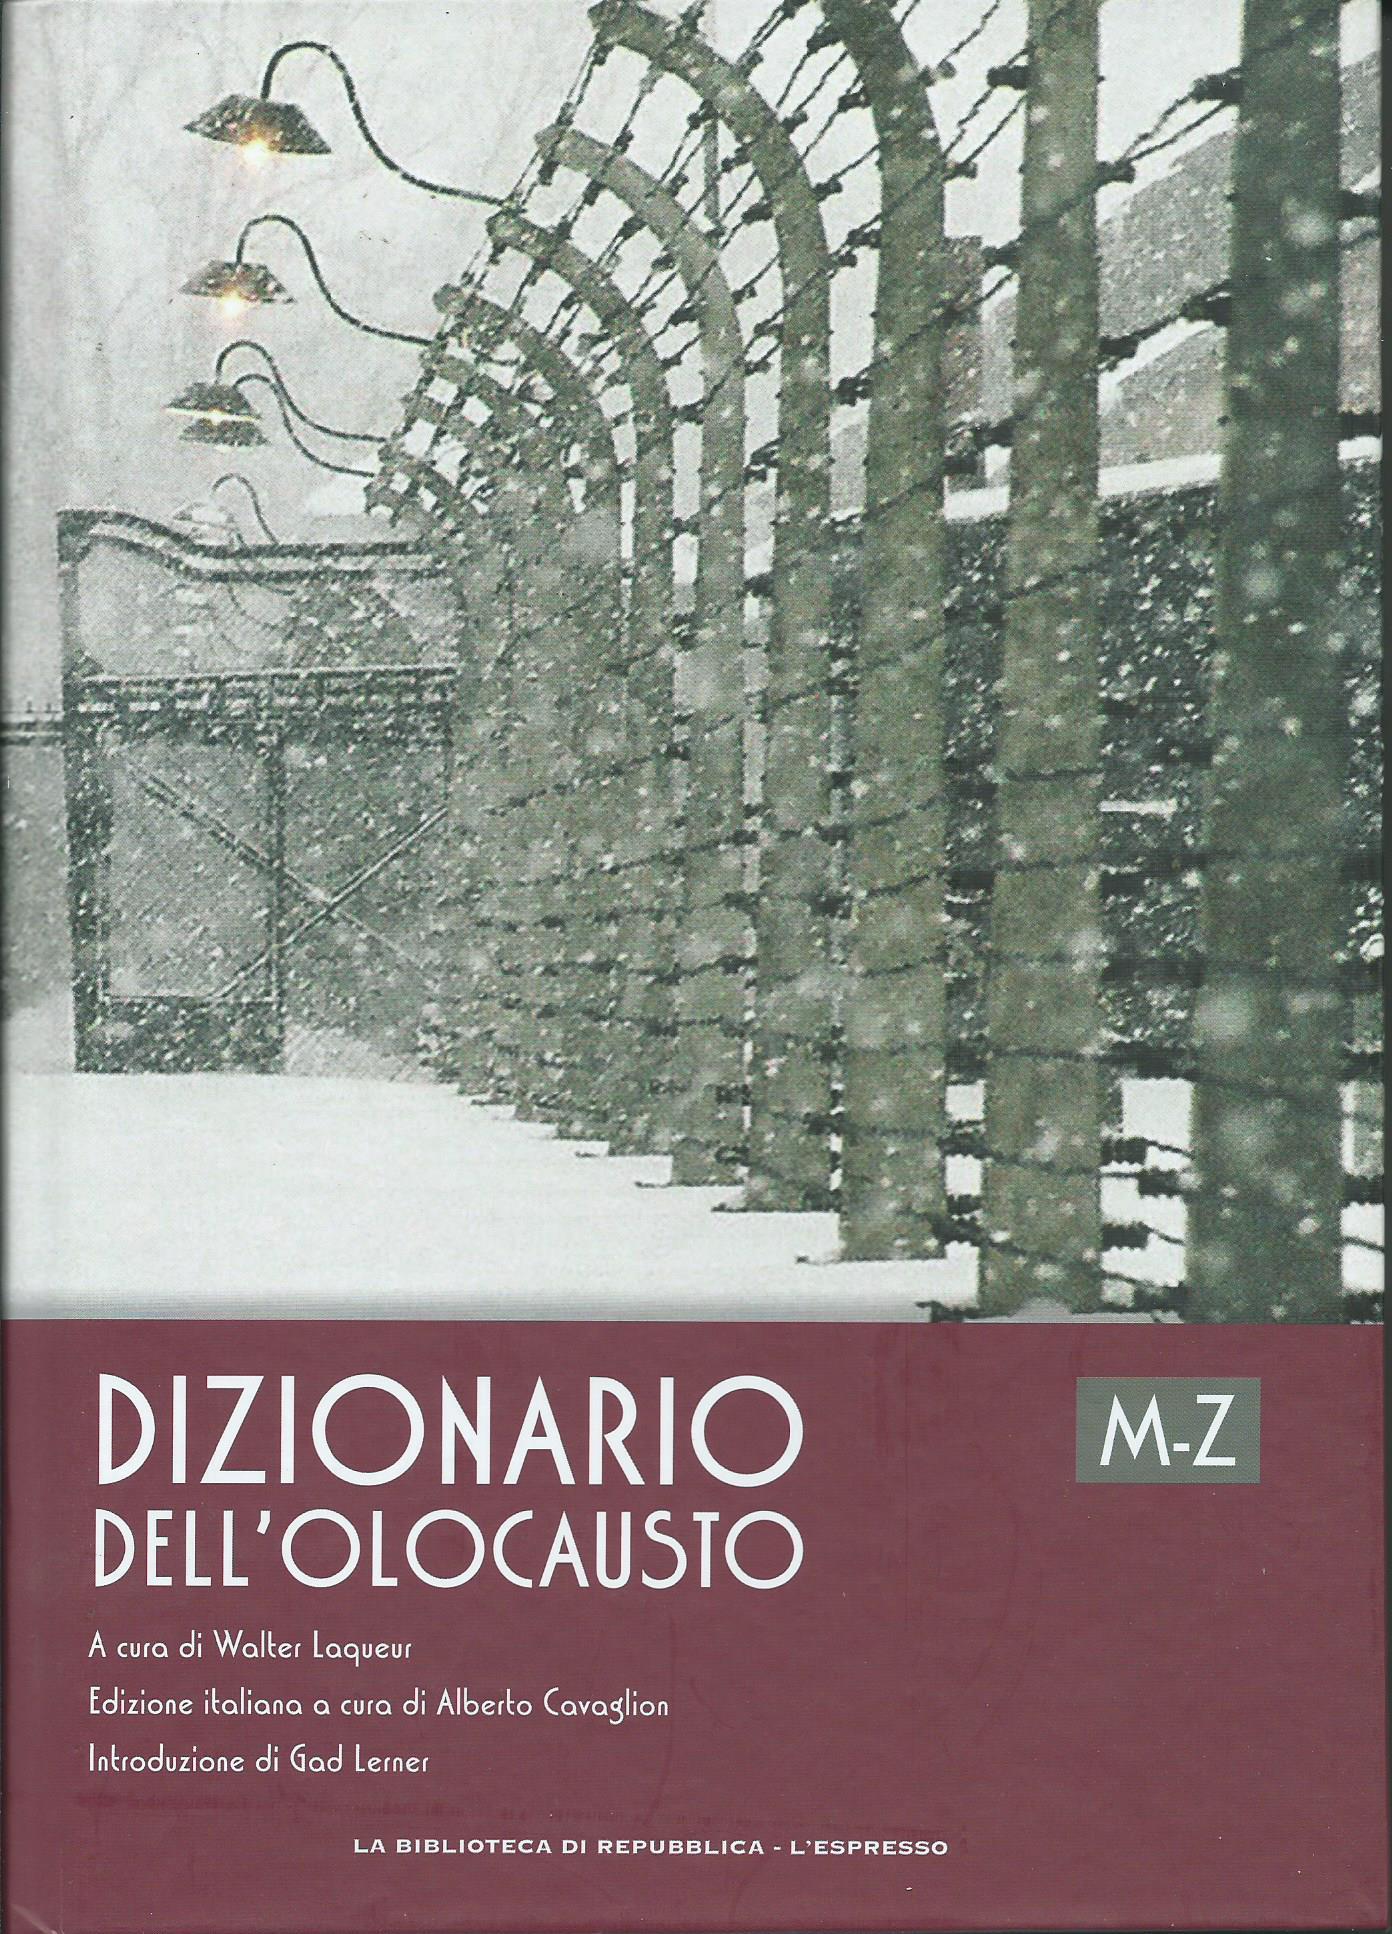 Dizionario dell'Olocausto M-Z